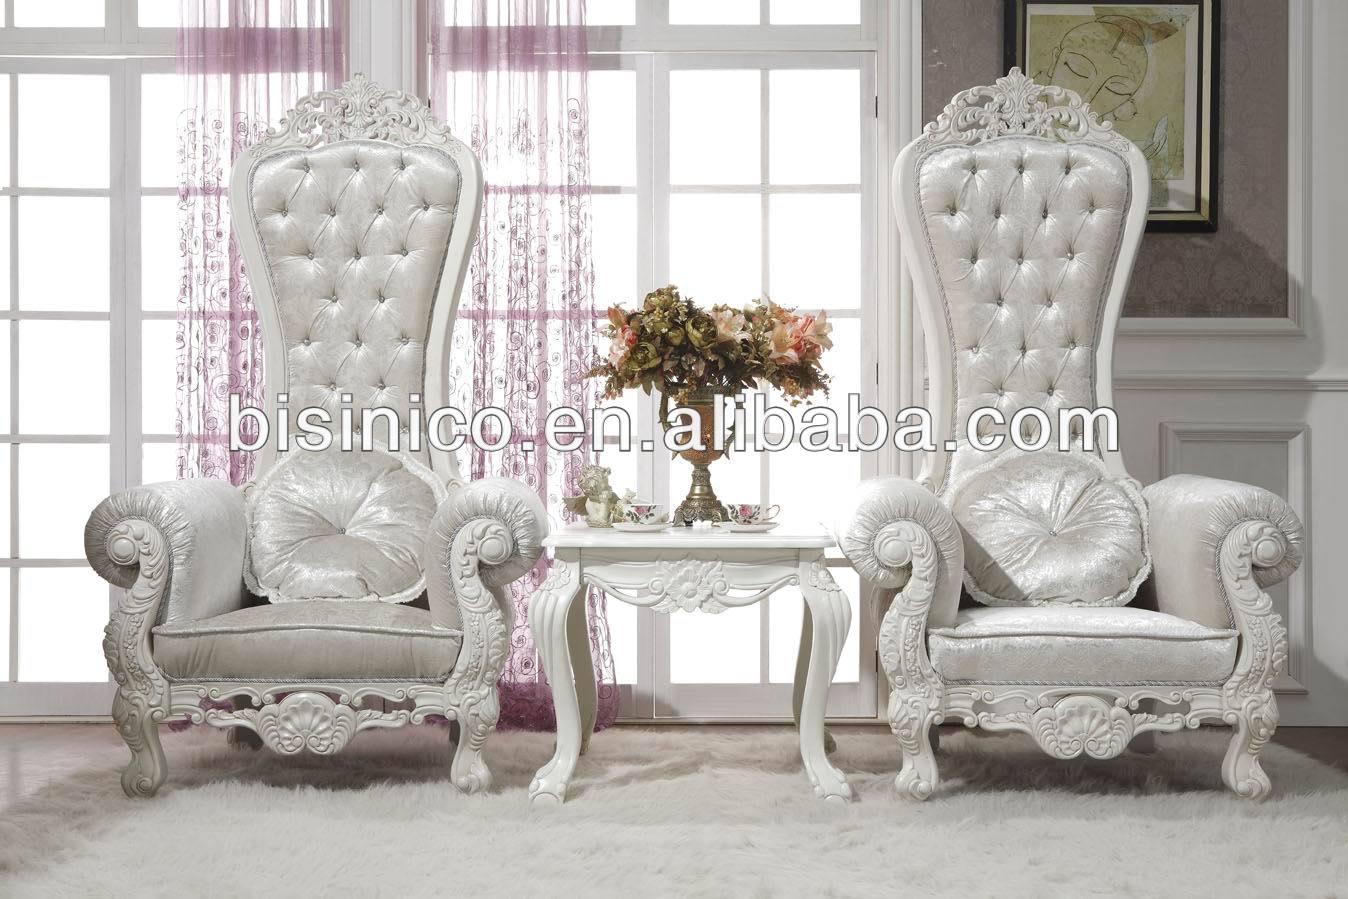 Meubles De Salon De Luxe La Reine Des Chaises Royal L Gant  # Meubles Pour Salon Afrique